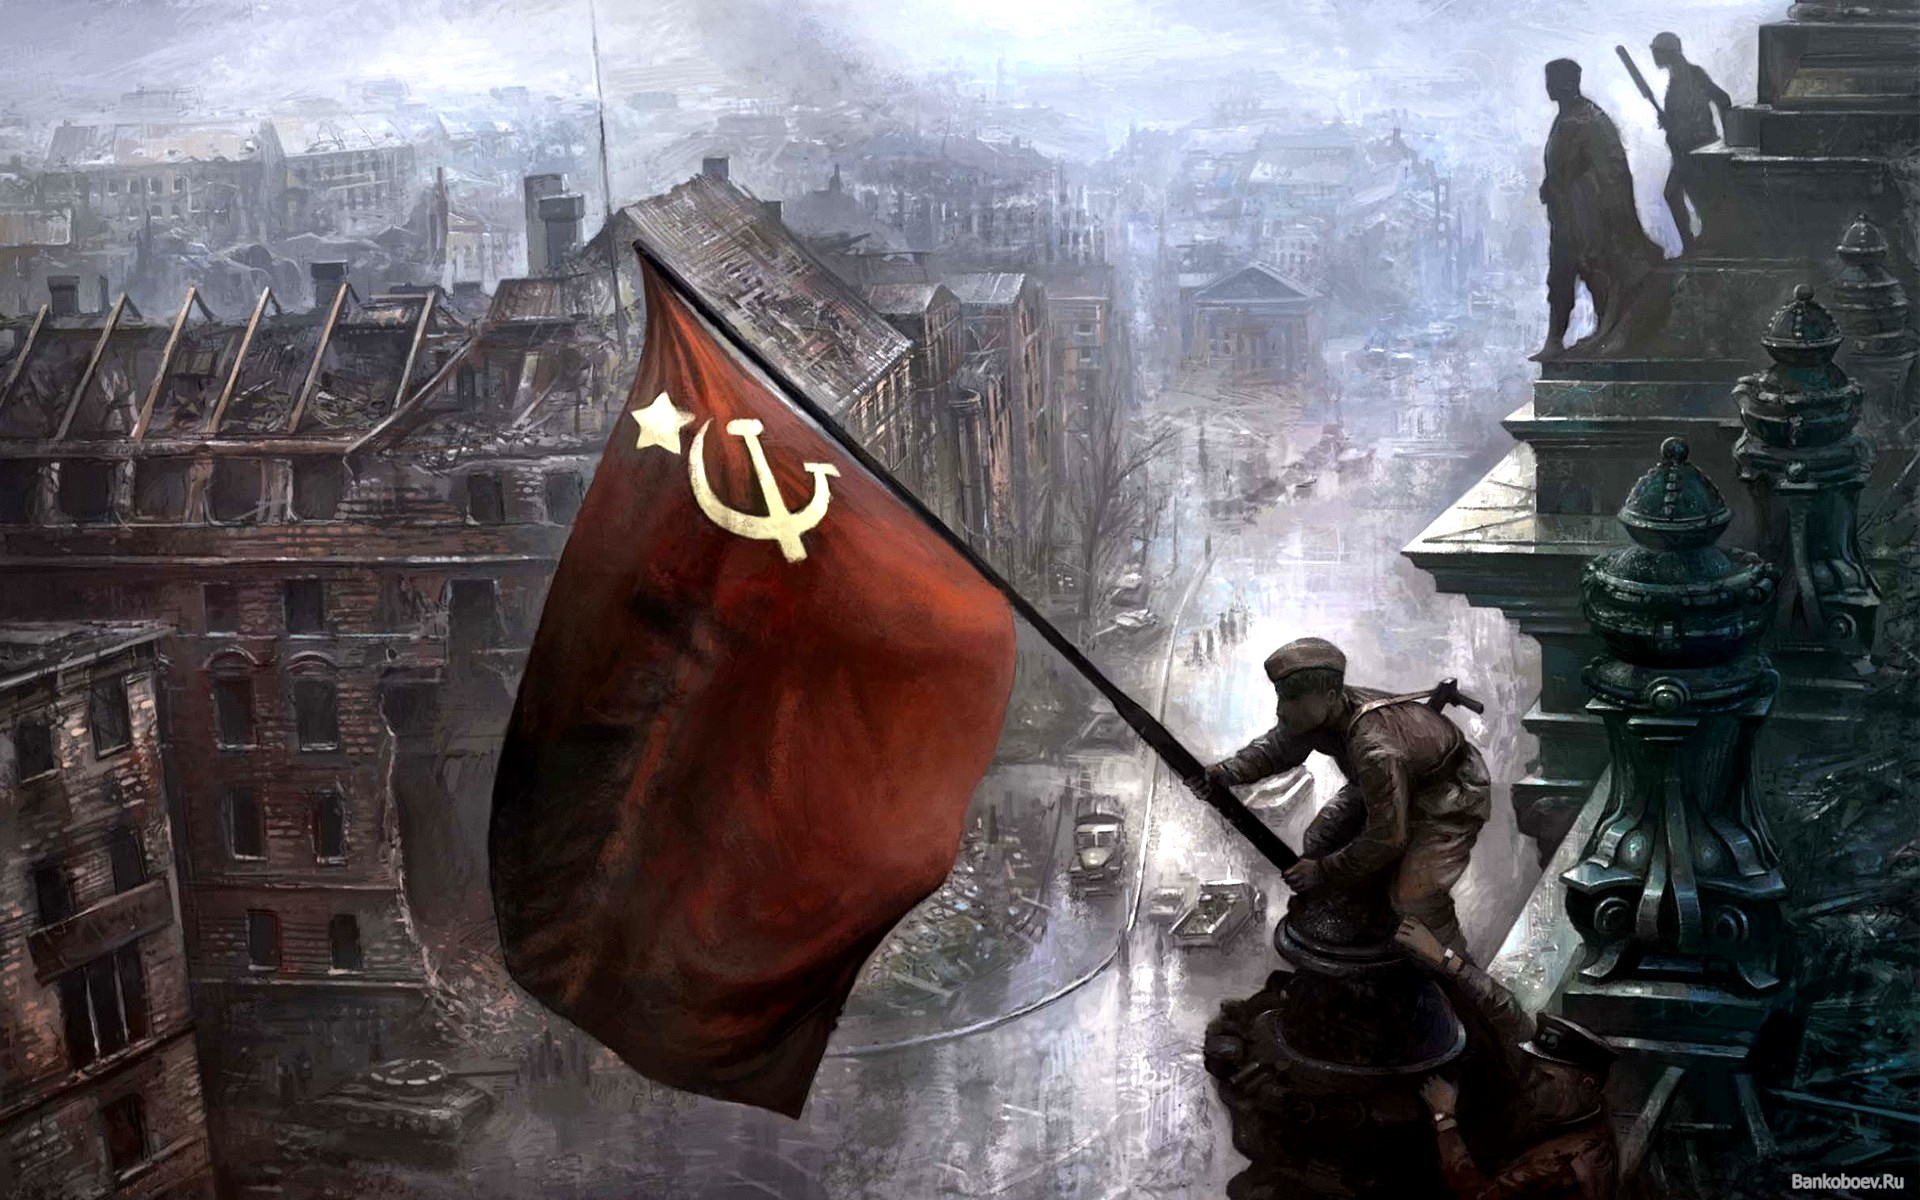 http://skpkpss.ru/wp-content/uploads/1697.jpg